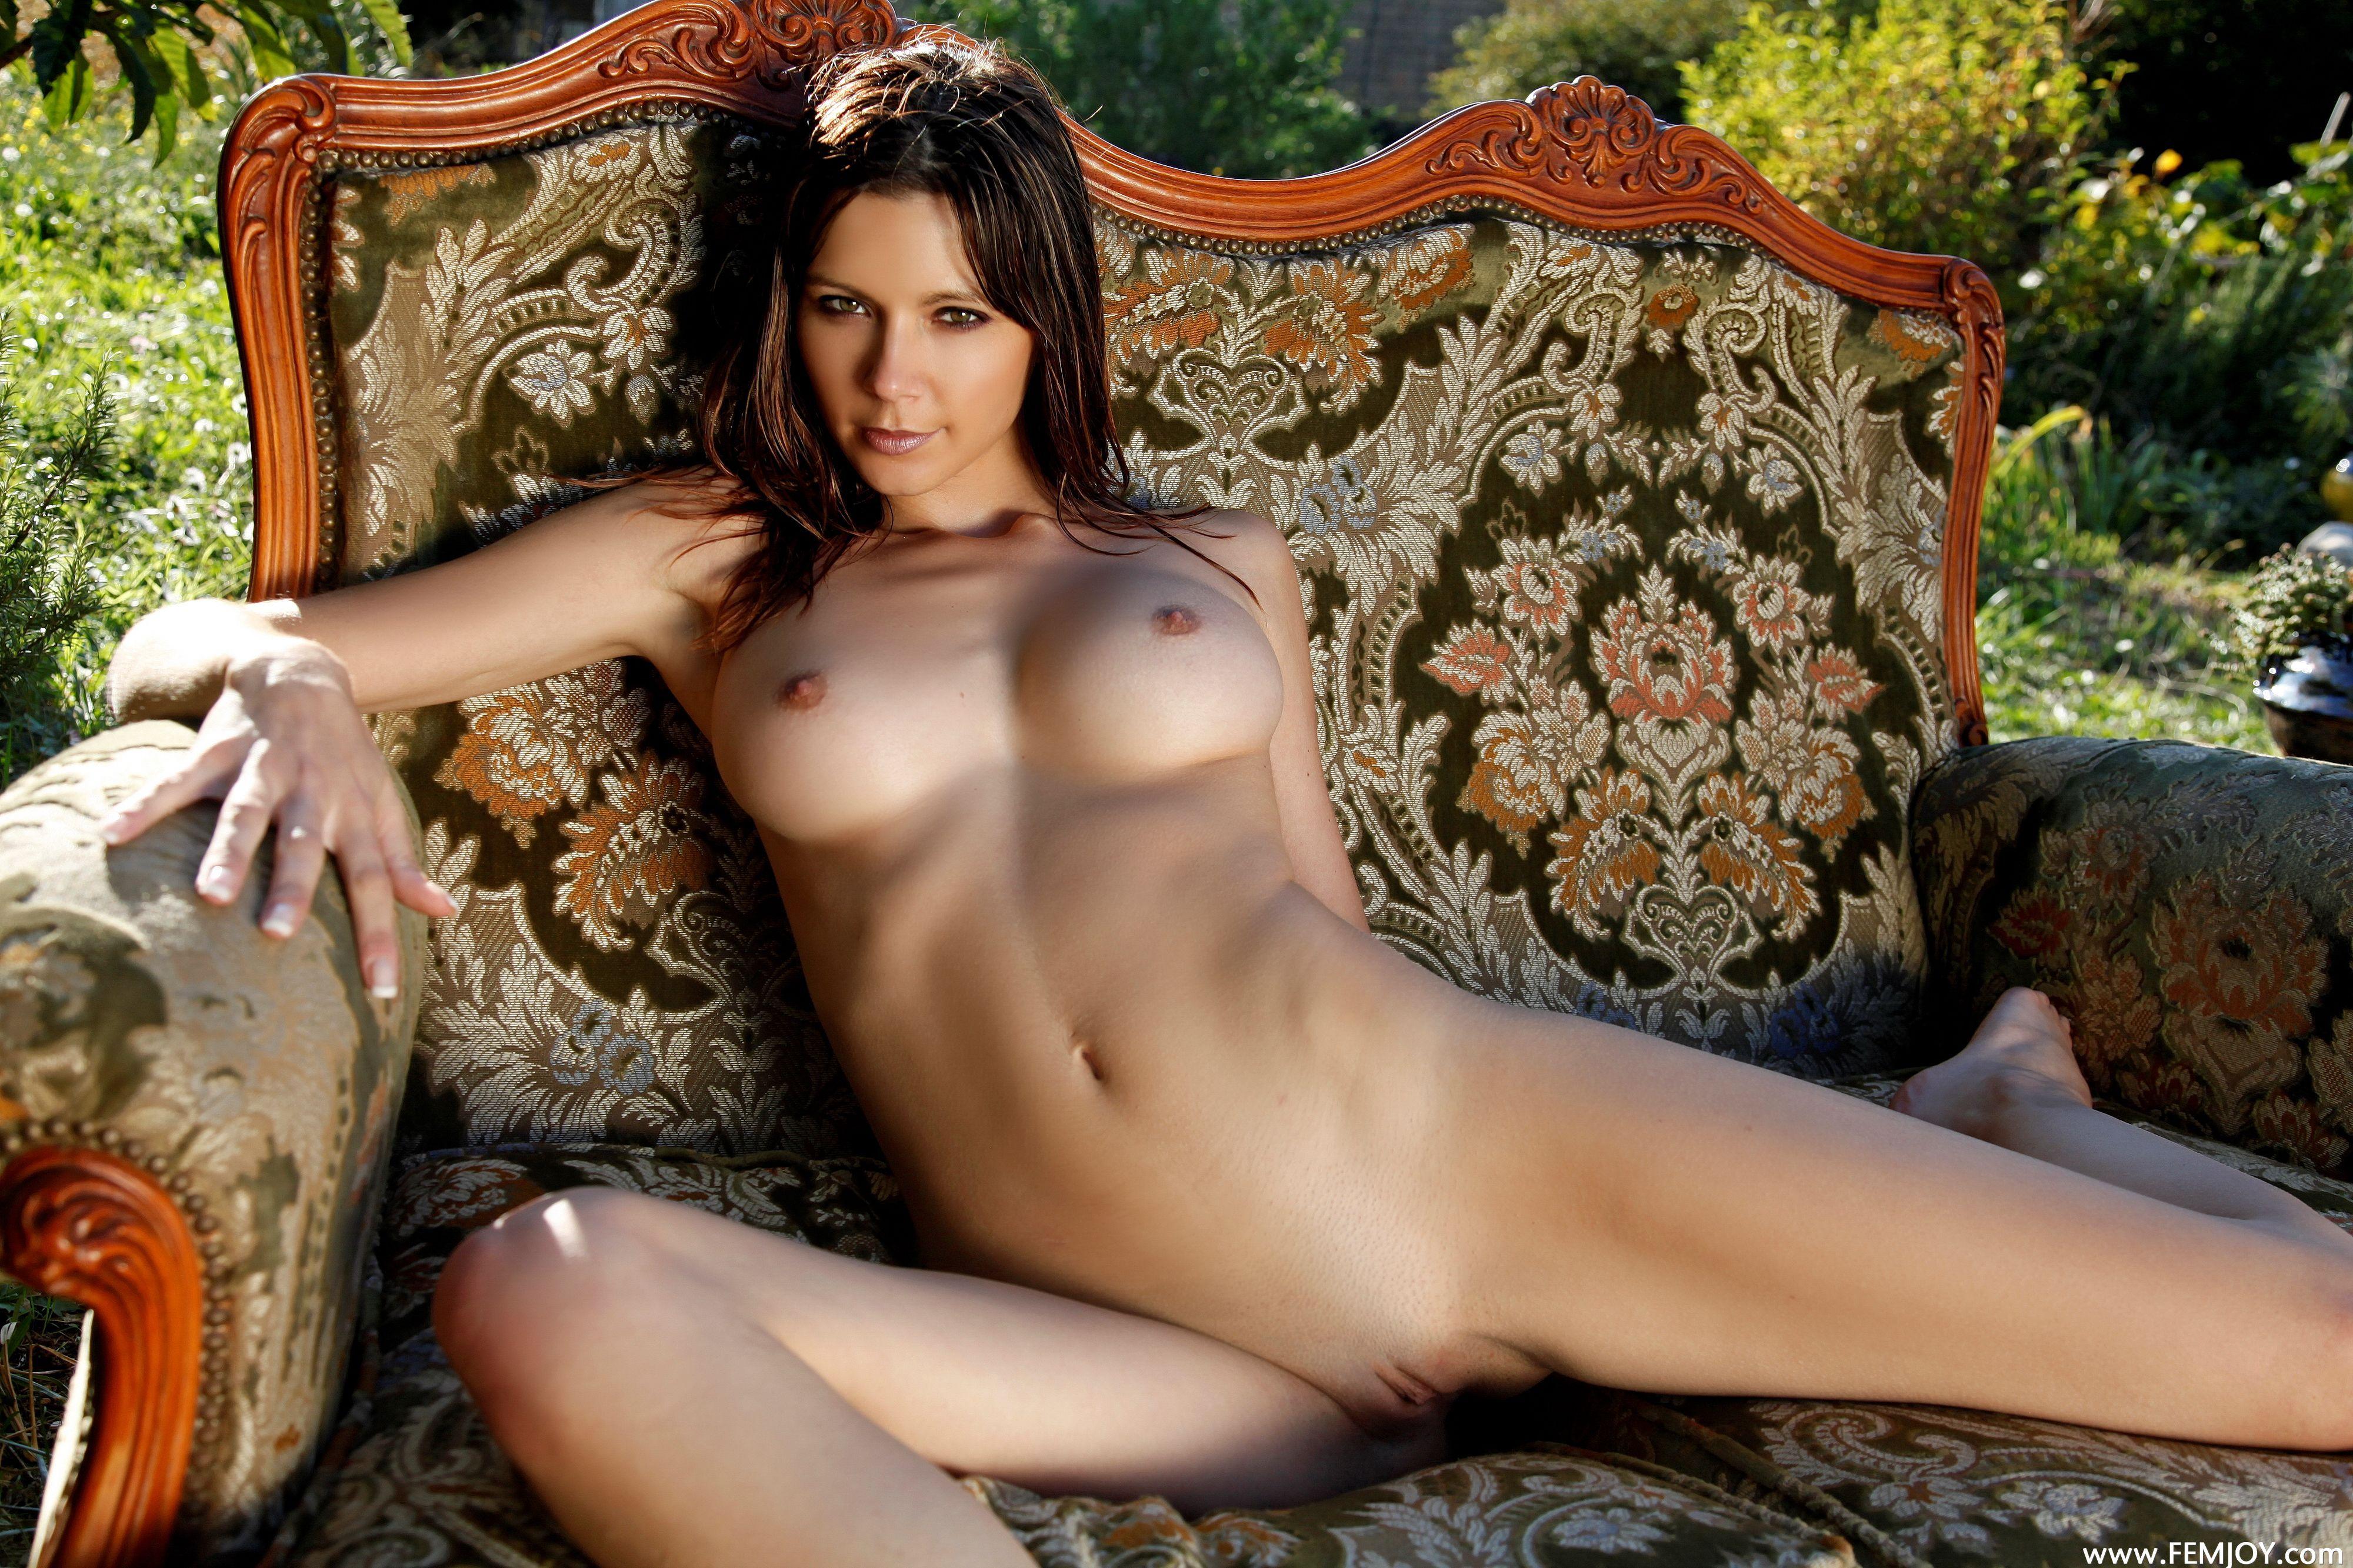 Эротика с красавицами, Красотки и красивые жены в домашнем порно видео 17 фотография